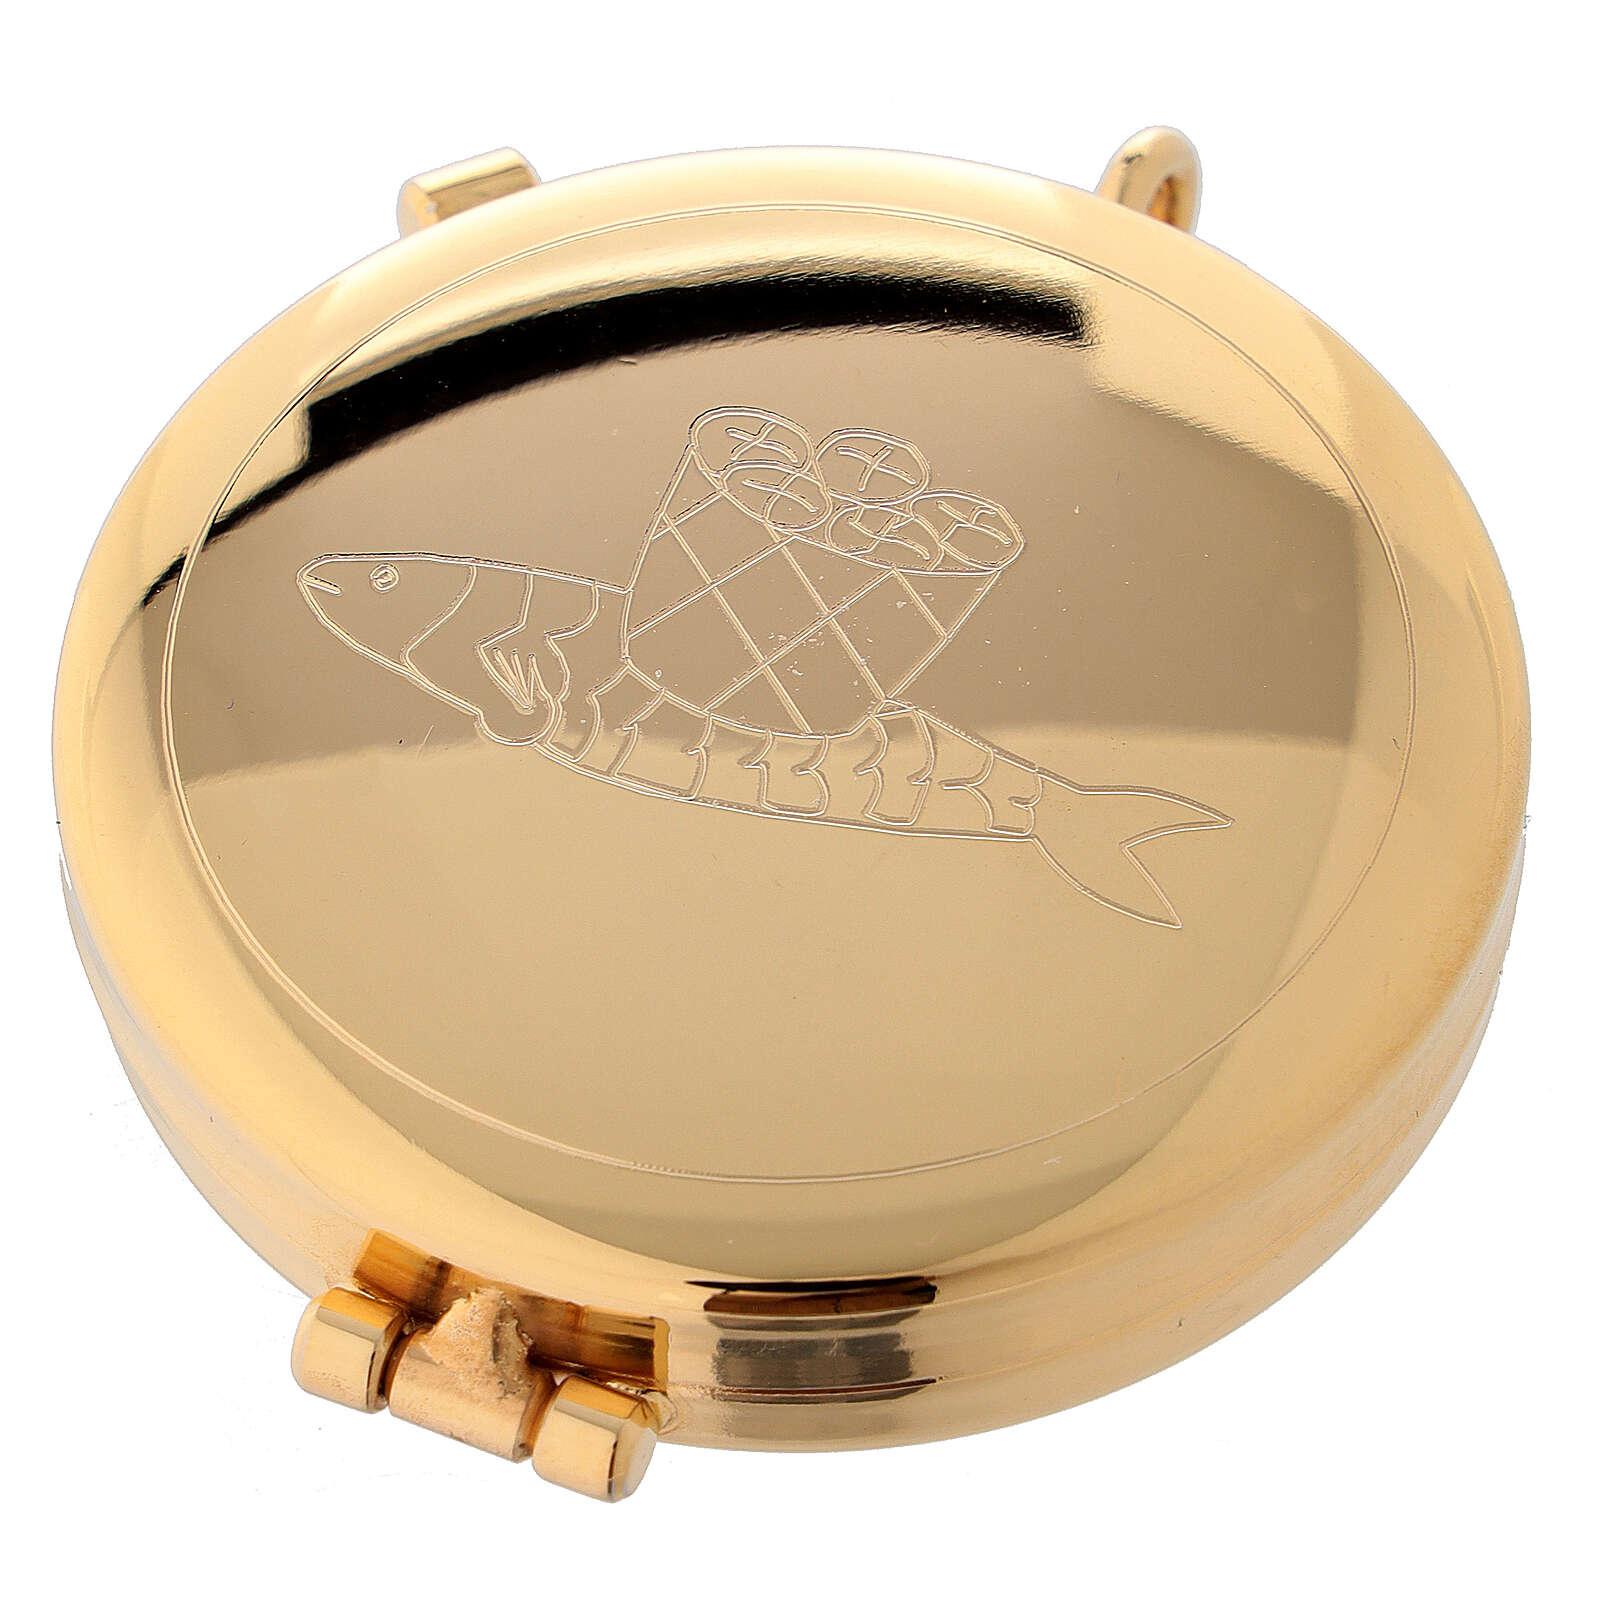 Teca eucaristica dorata con incisione pane e pesci 5,3 cm 3